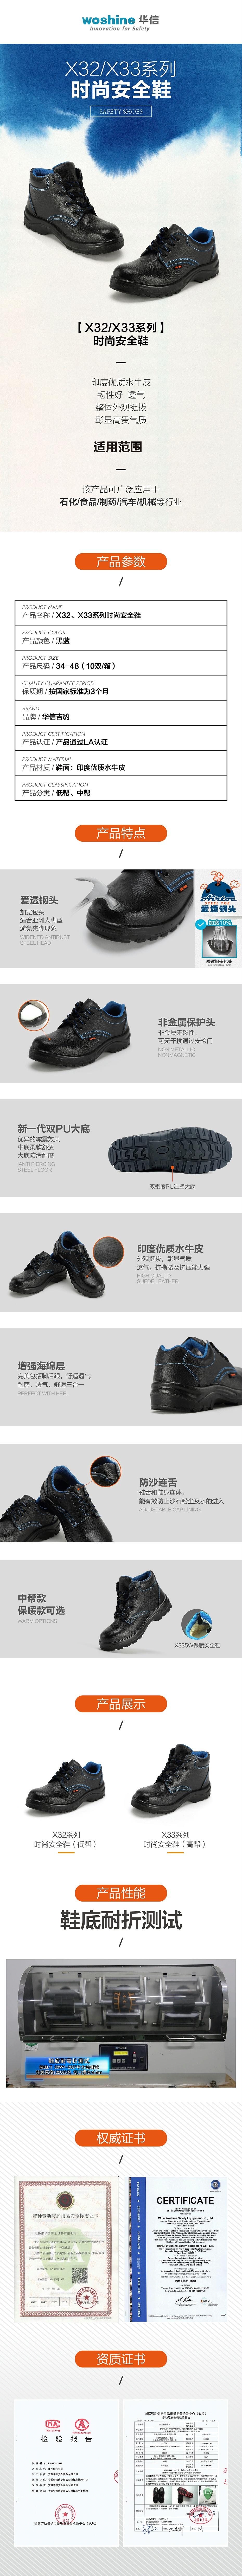 X32X33鞋子